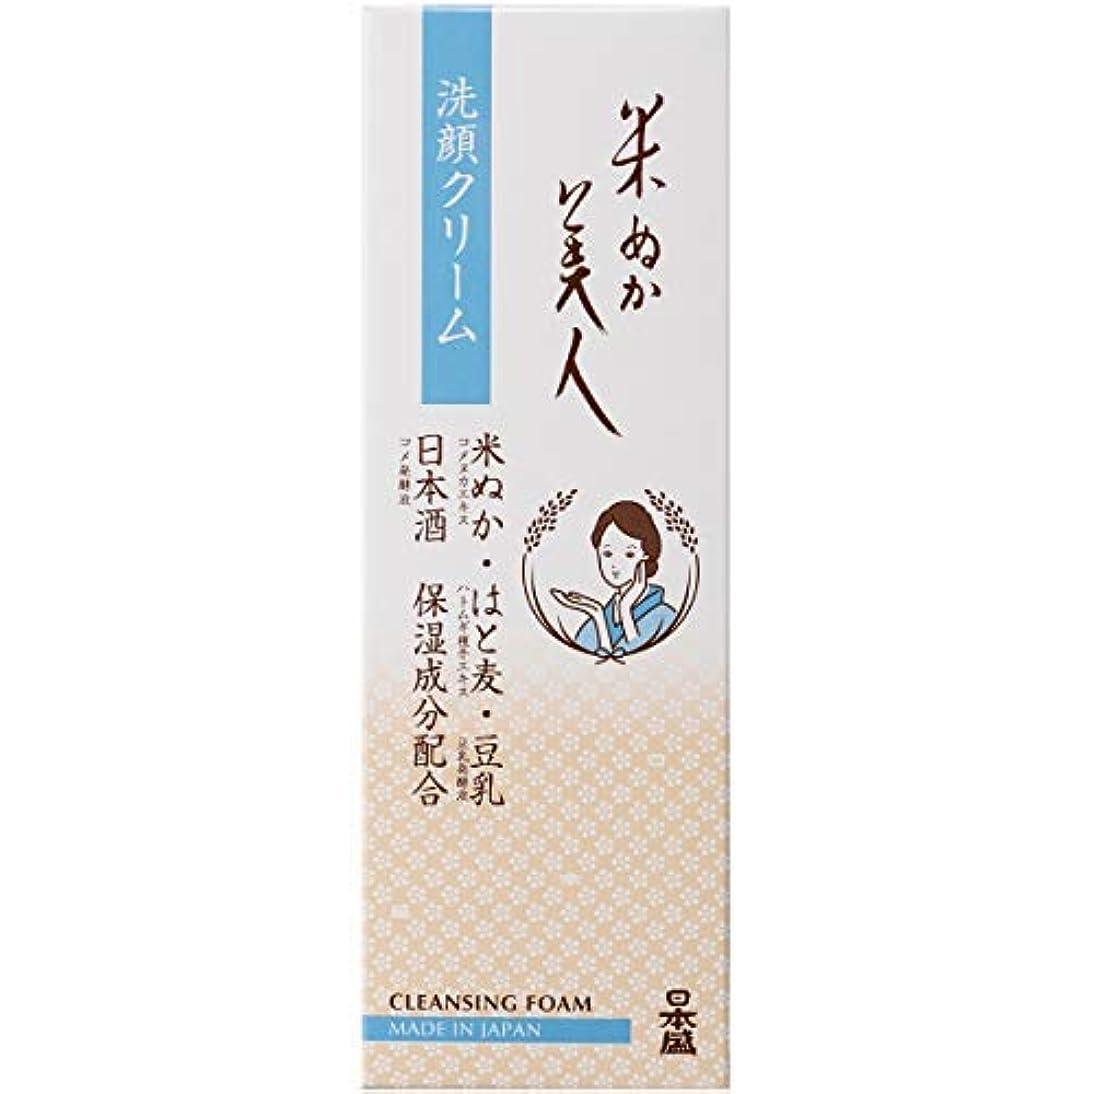 ピッチリア王爆弾米ぬか美人 洗顔クリーム × 2個セット